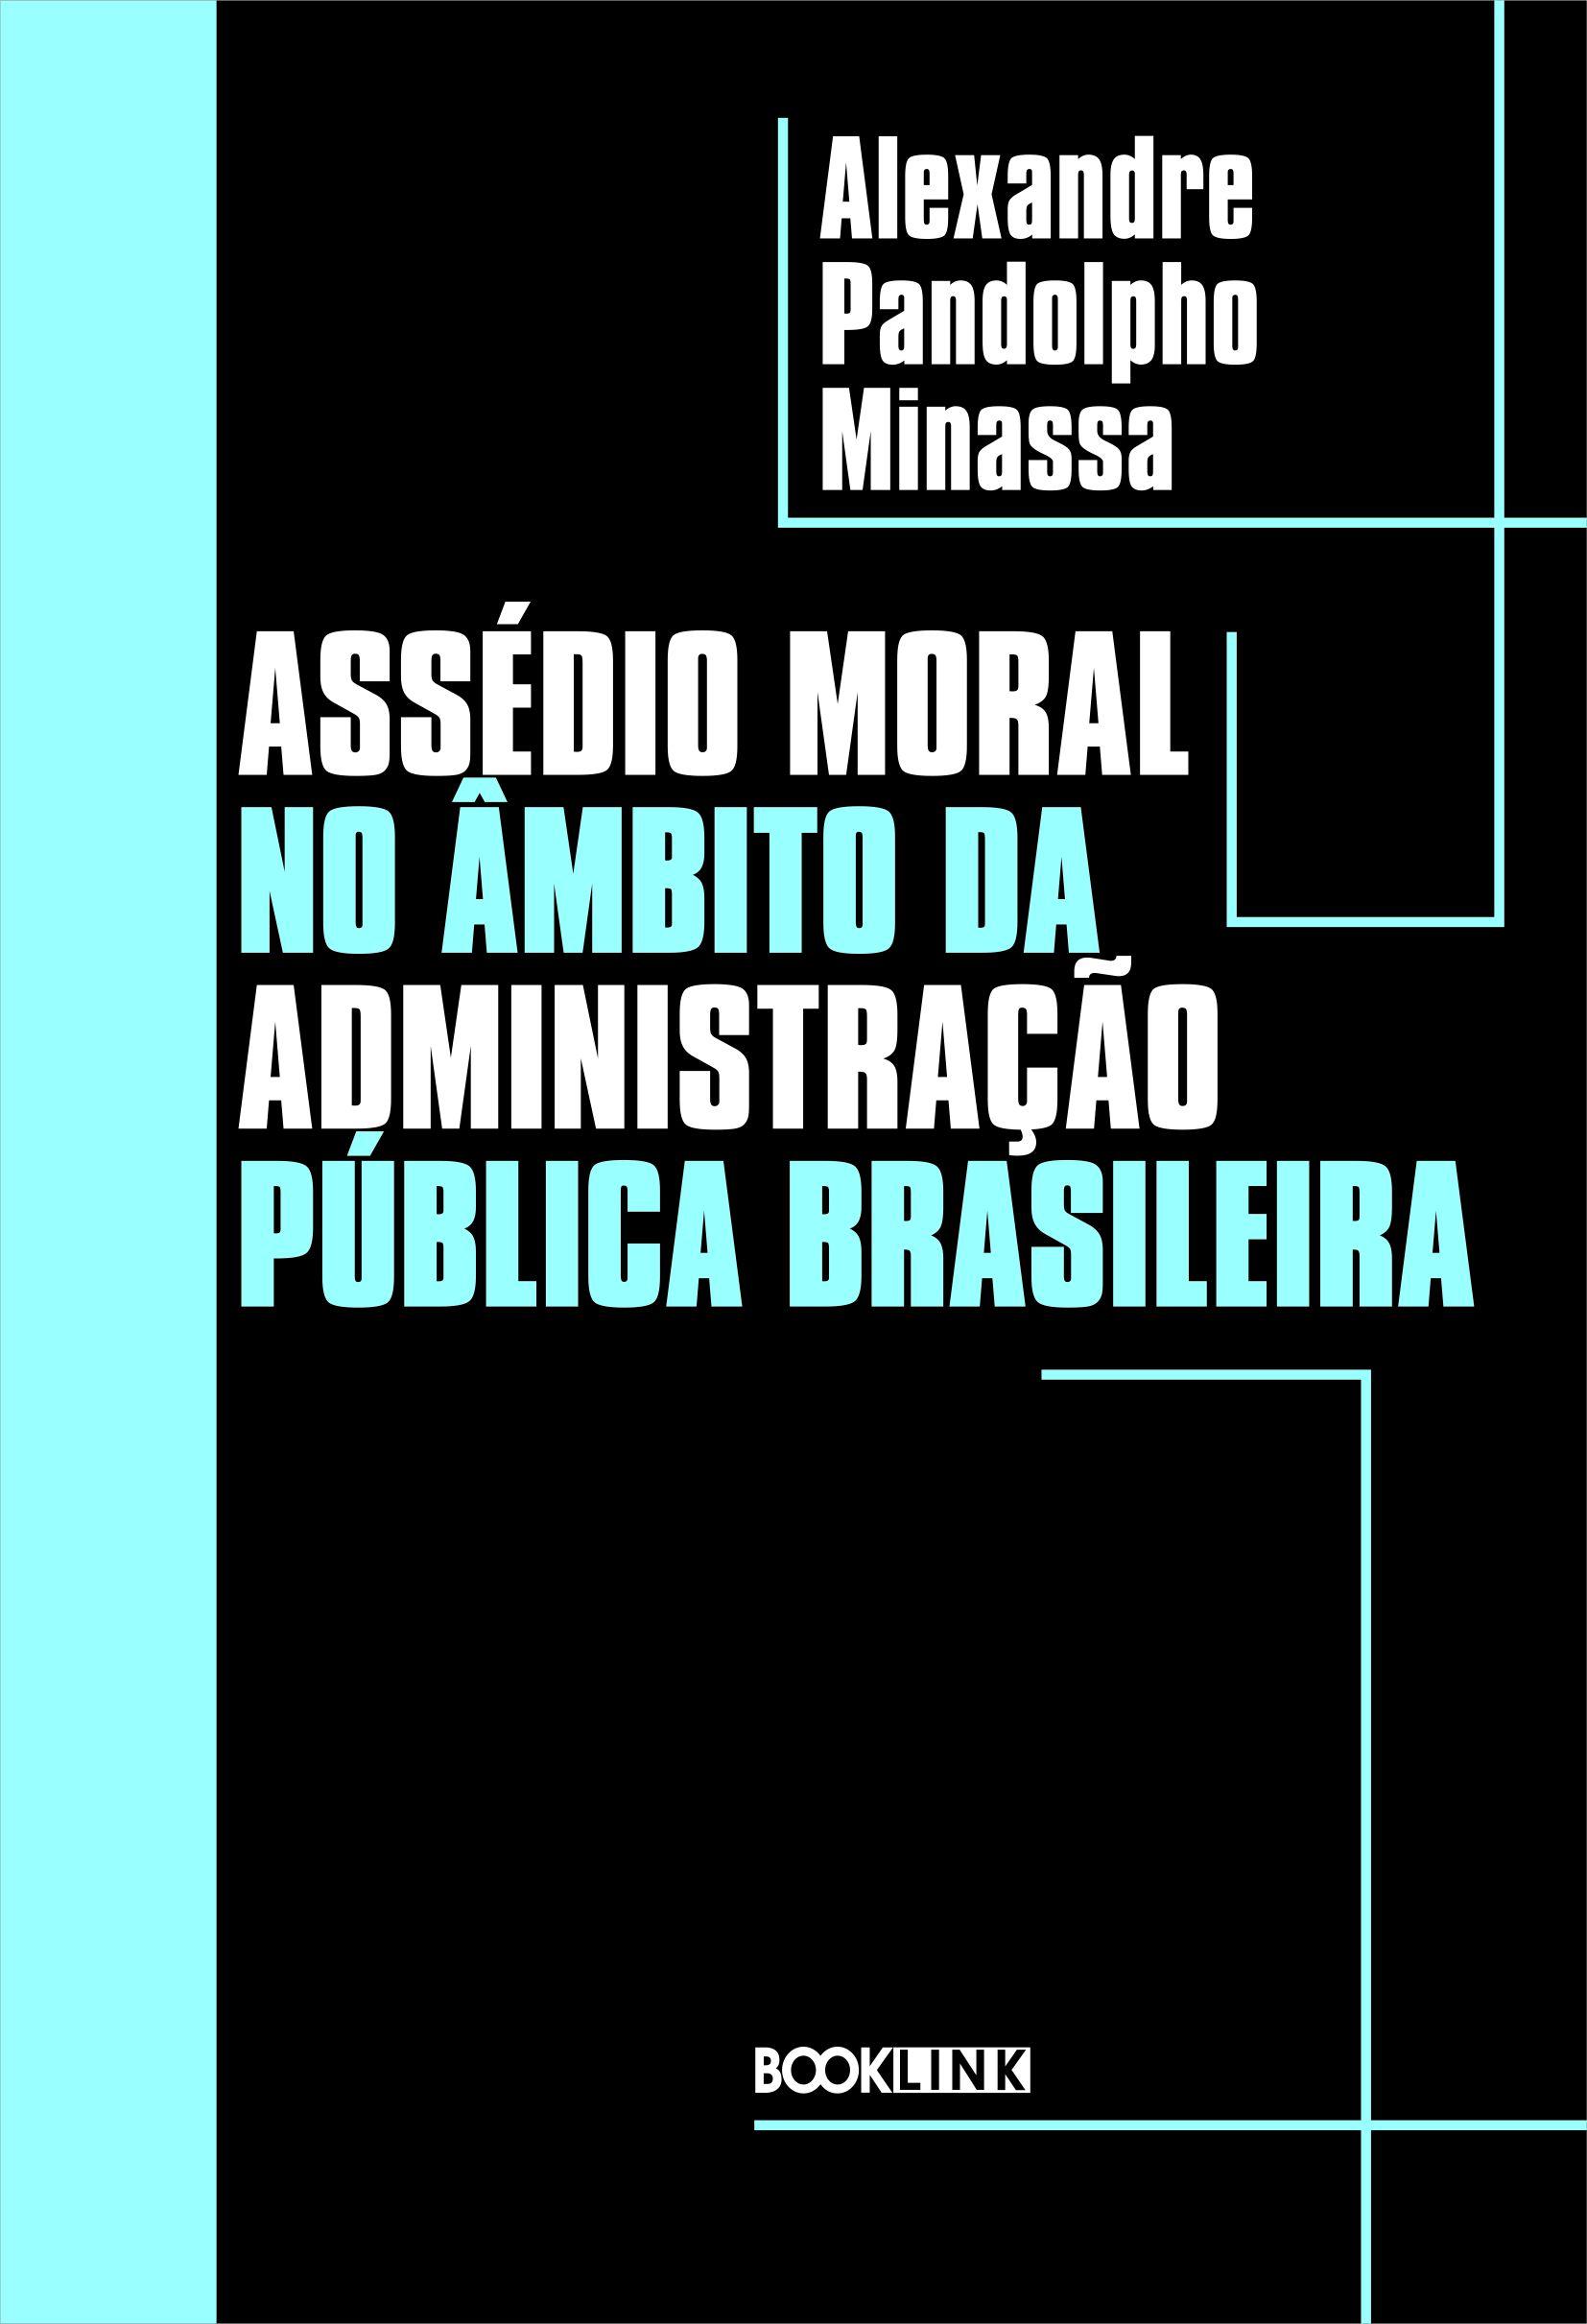 ASSÉDIO MORAL NO ÂMBITO DA ADMINISTRAÇÃO PÚBLICA BRASILEIRA